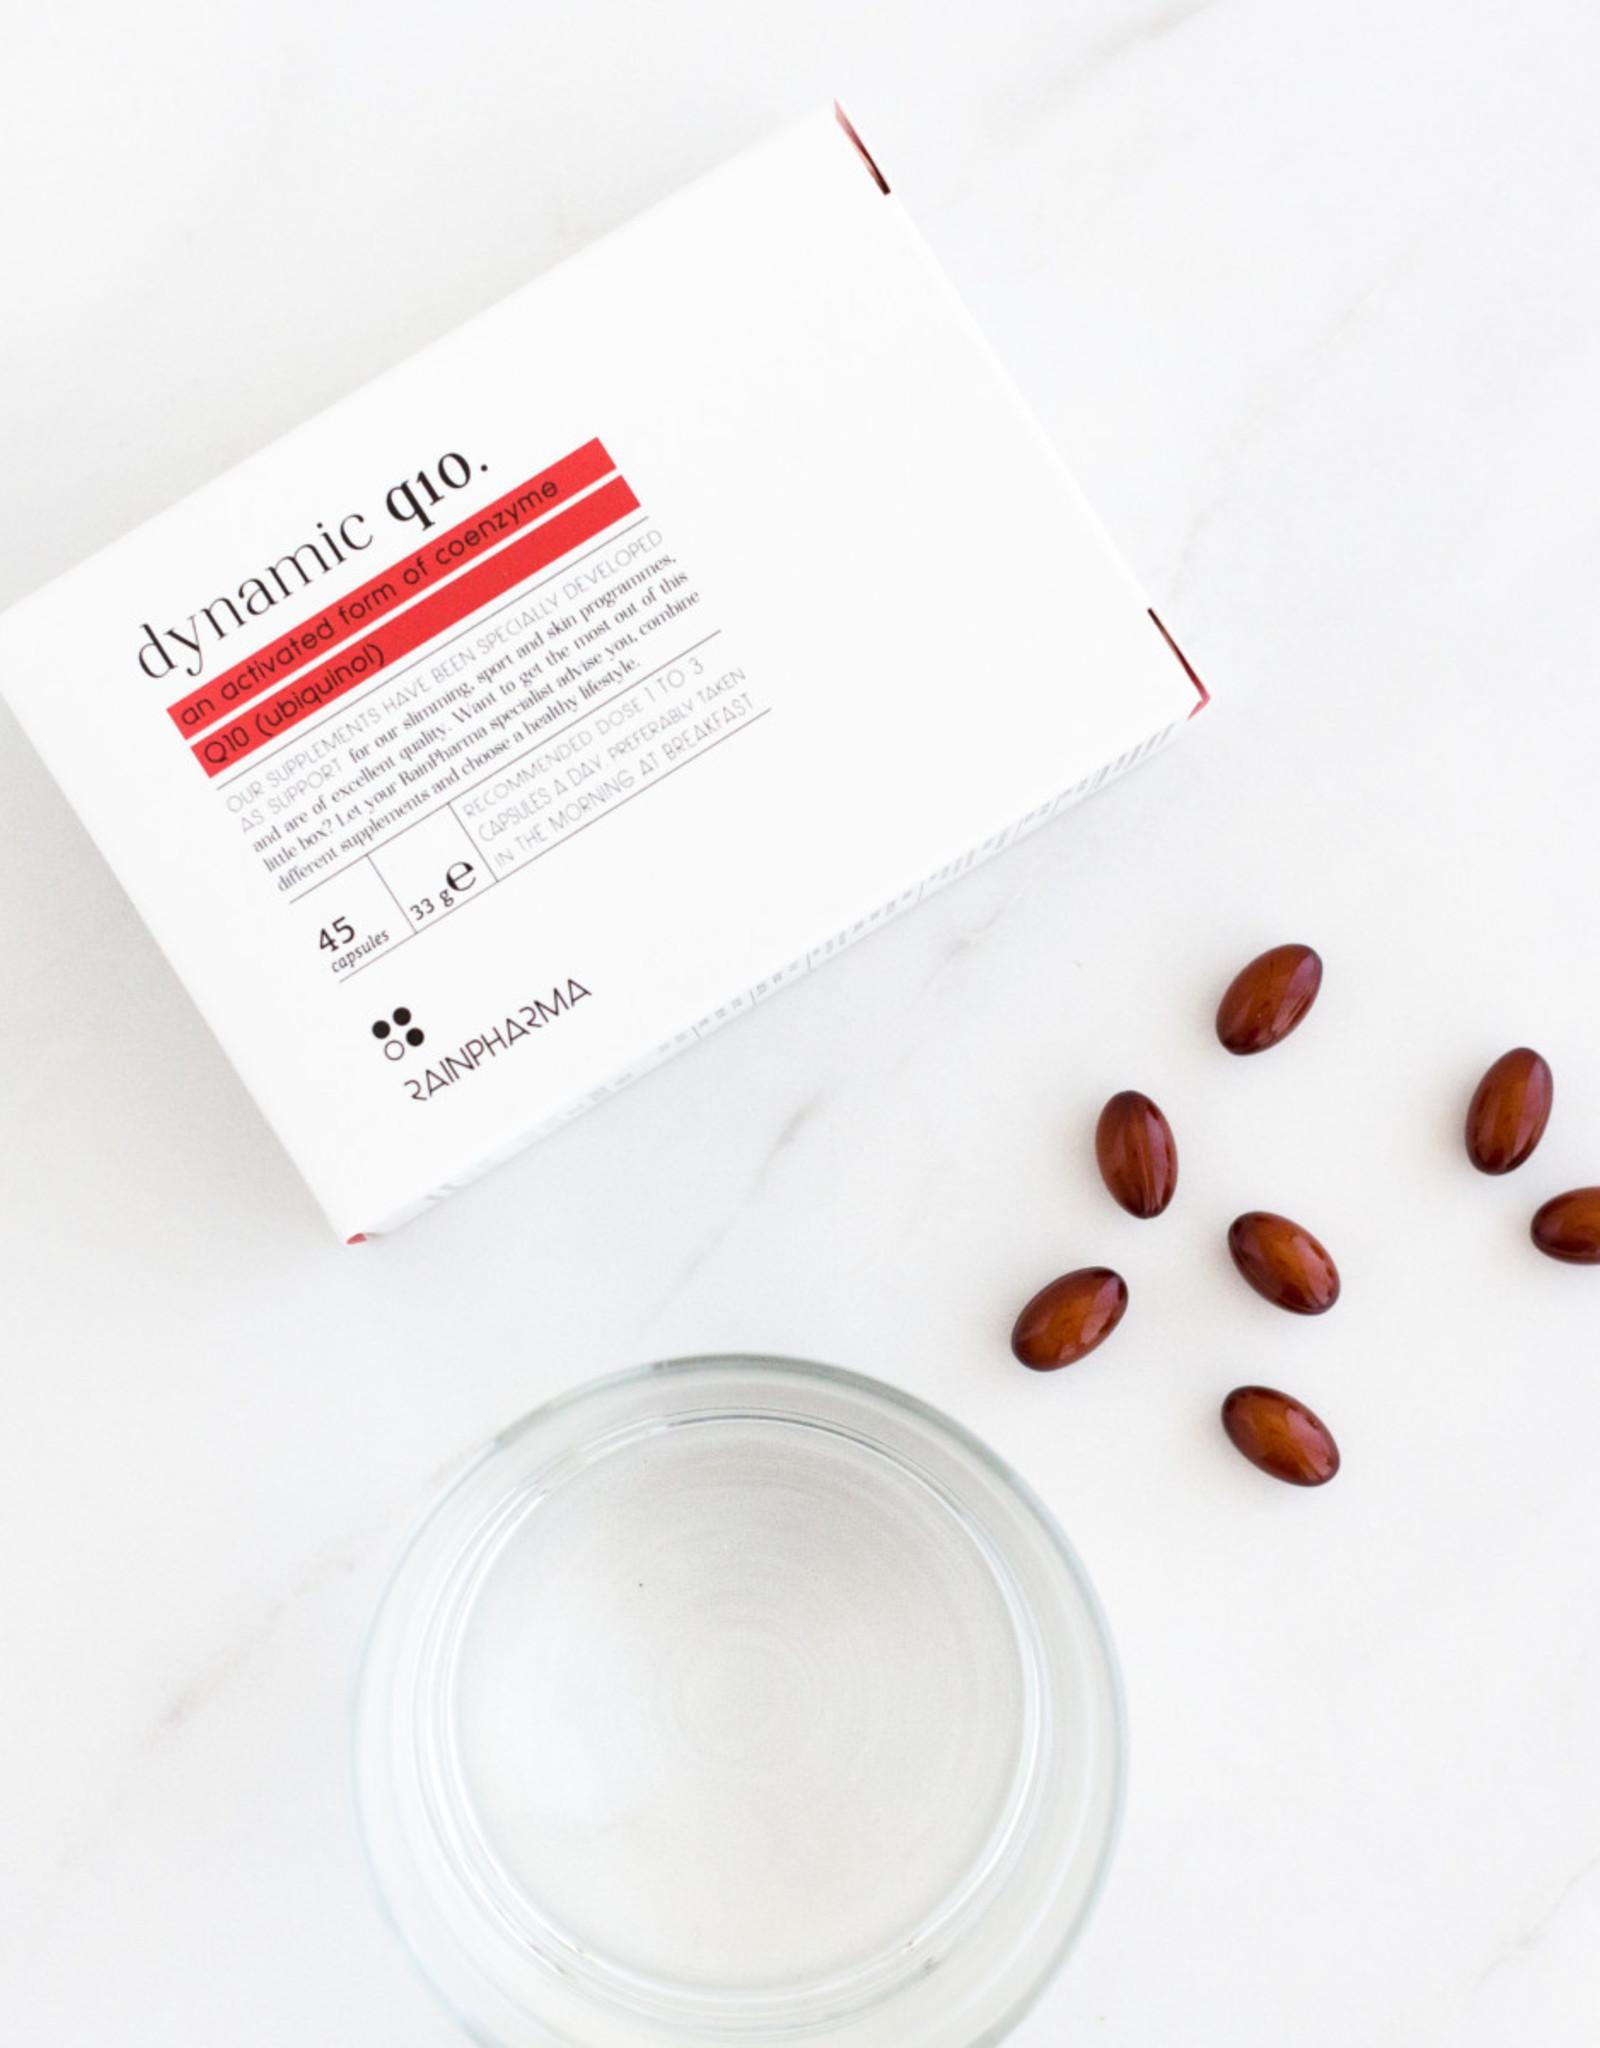 RainPharma Dynamic Q10 45 caps - Rainpharma